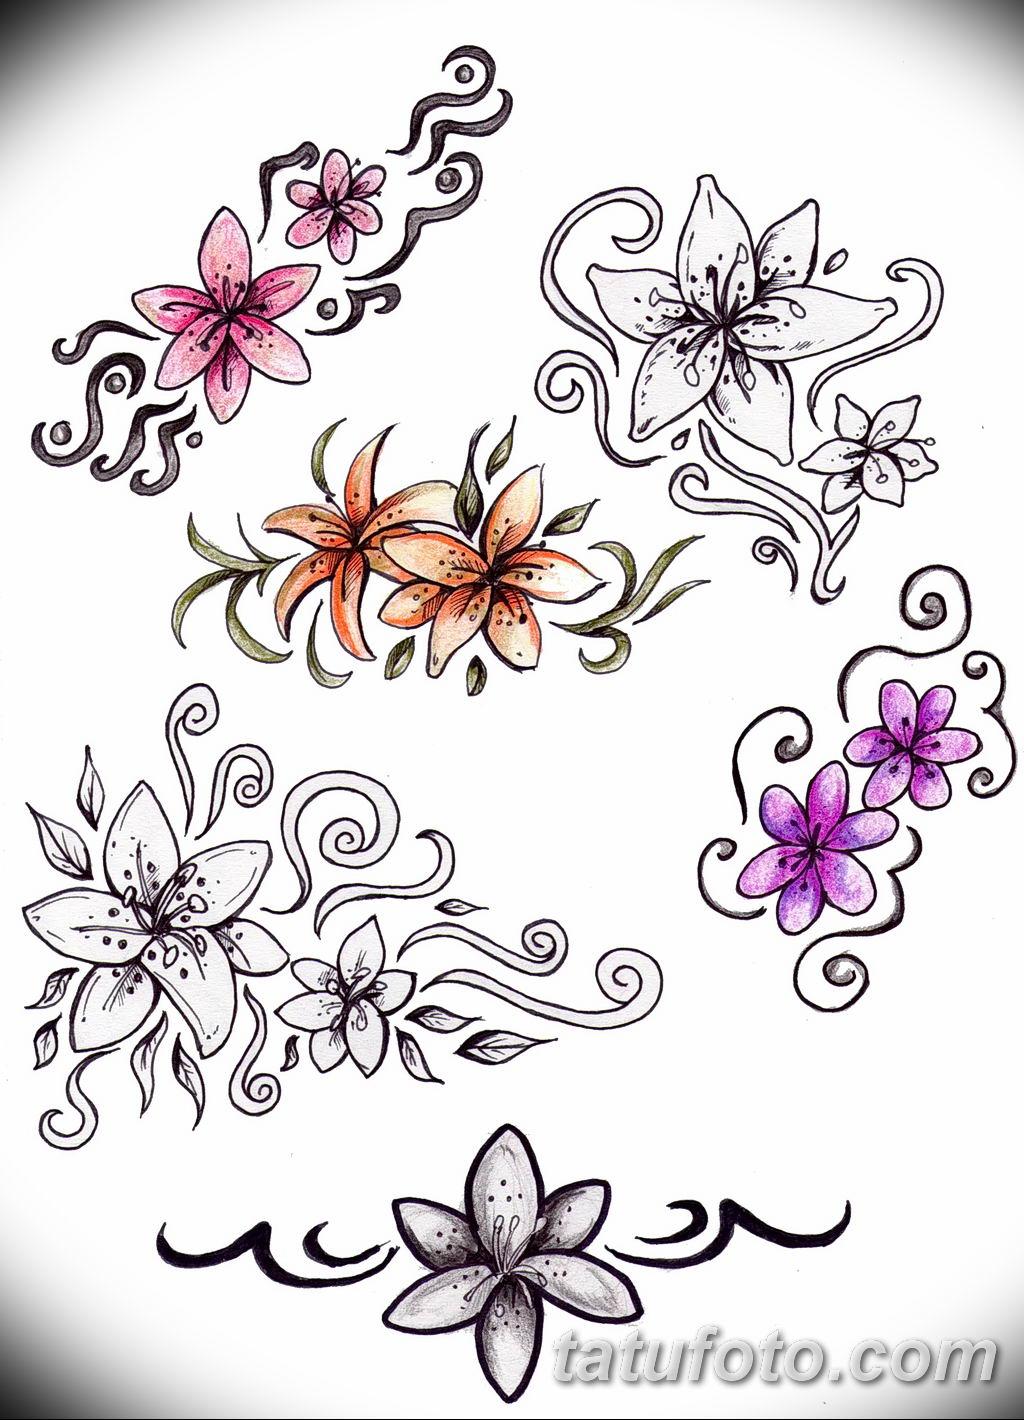 Фото эскиза тату жасмин 22.08.2019 №057 - jasmine tattoo sketch - tatufoto.com